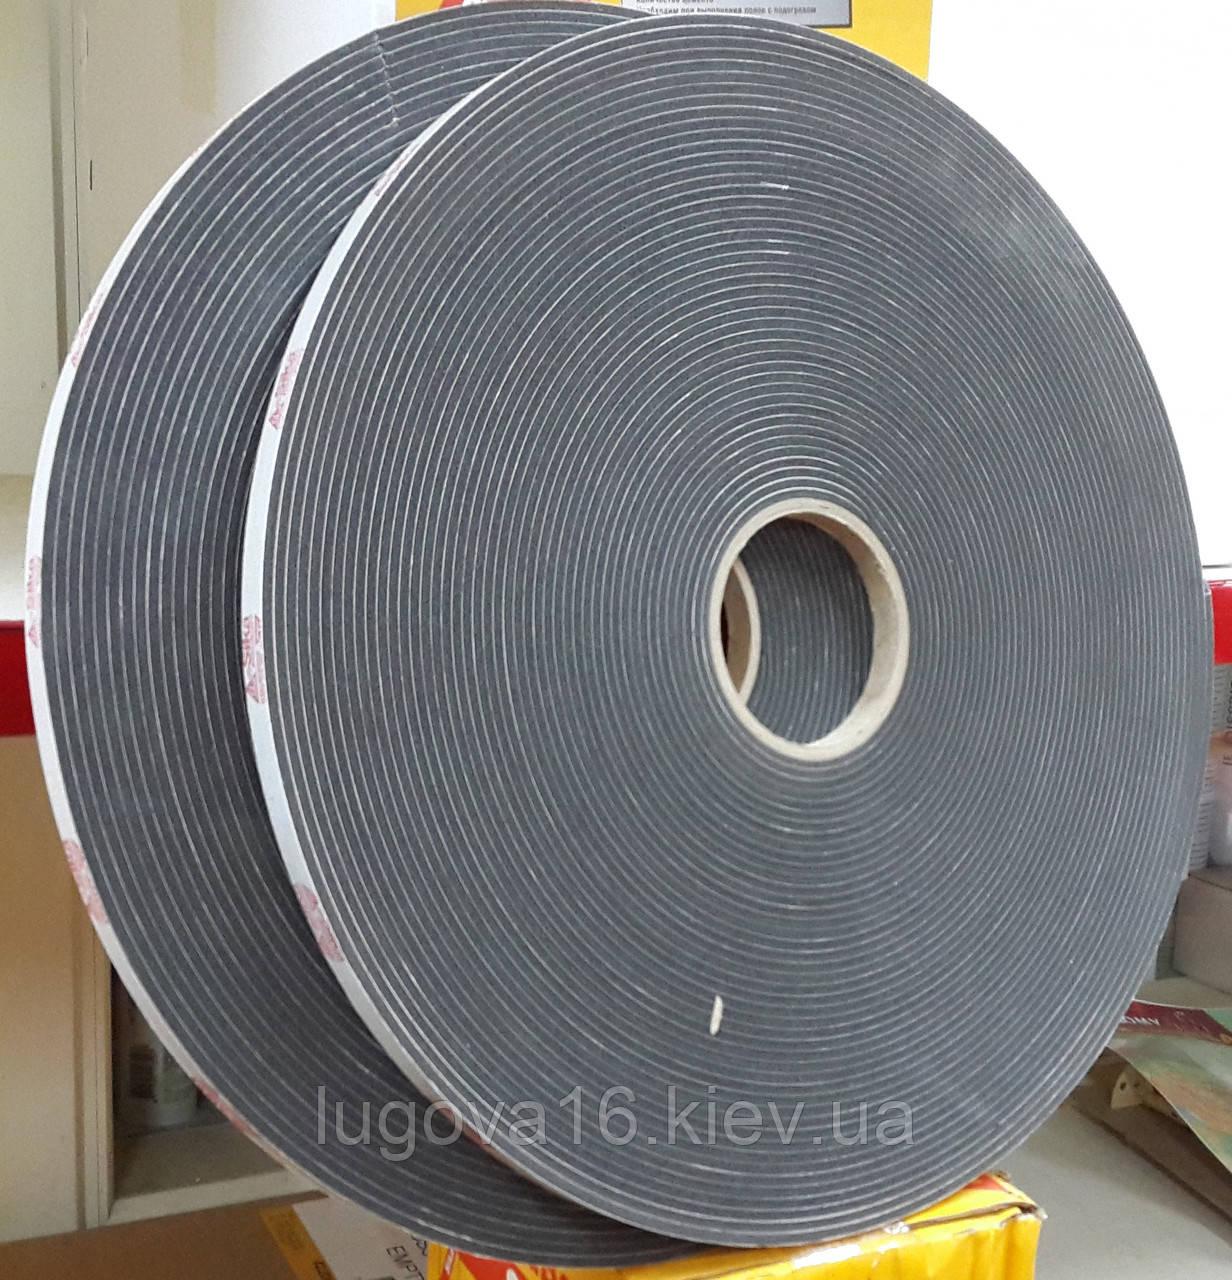 Лента клейкая с обеих сторон, фиксирующая, антрацитовая SikaTack-Panel Montageband fixing tape, 33м